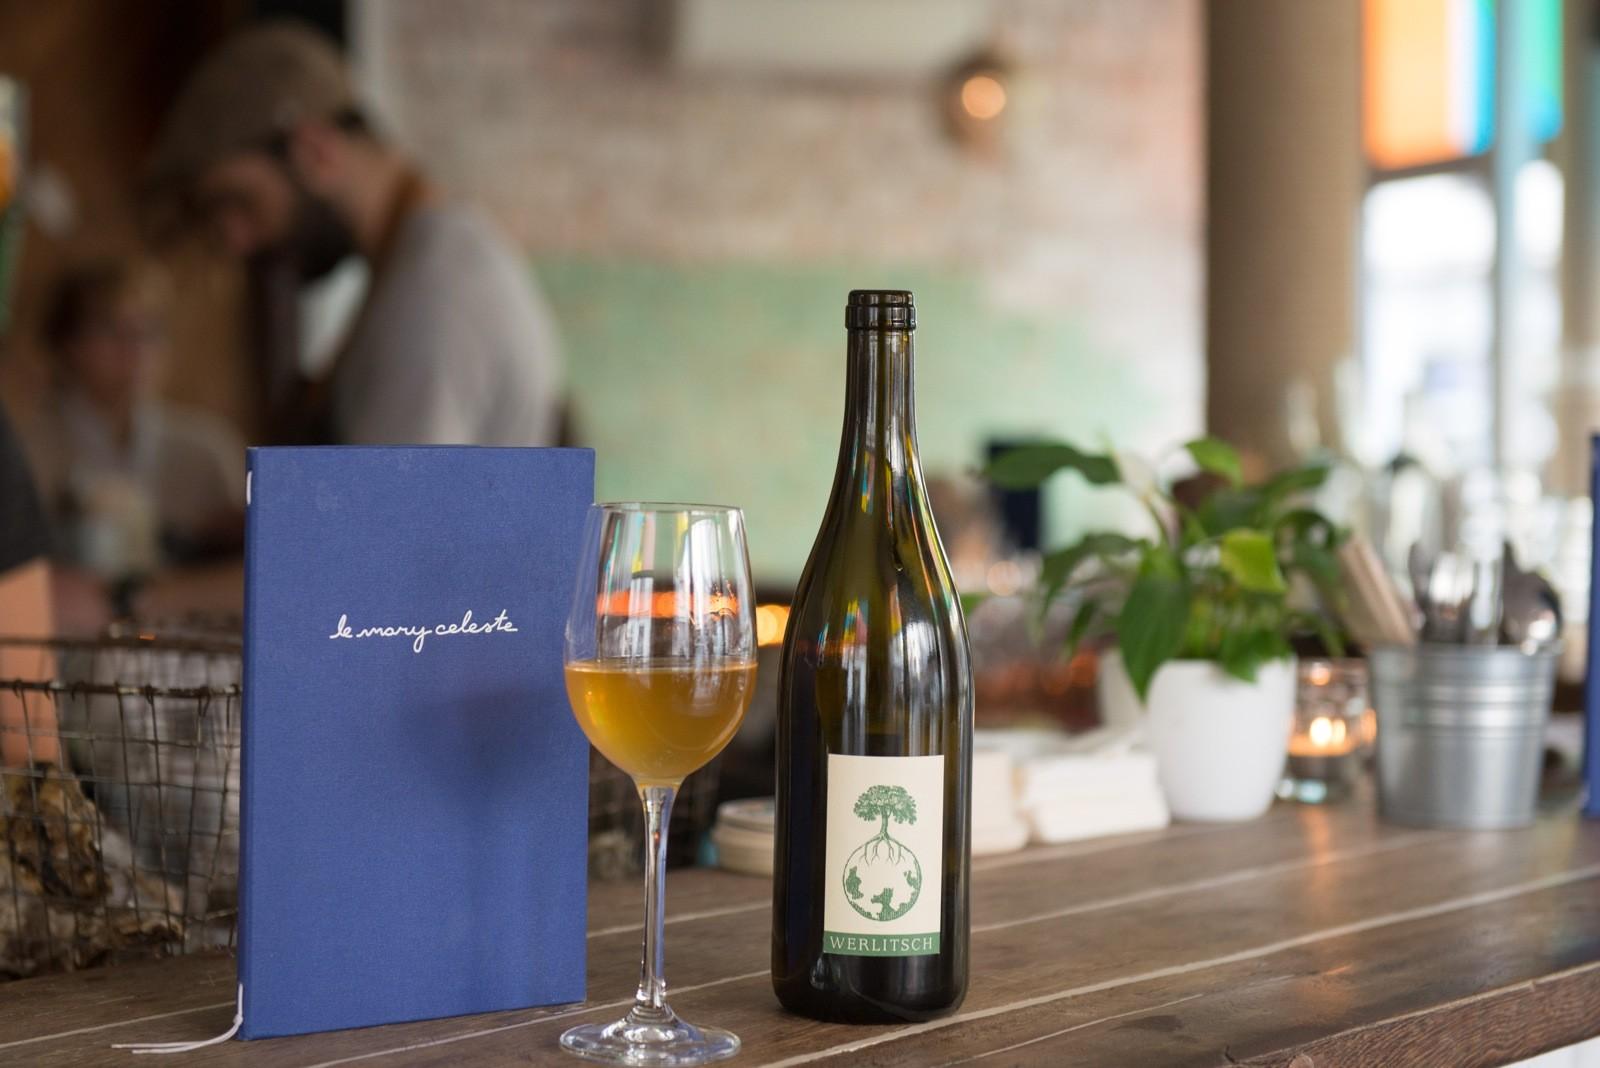 【什麼是自然酒?】釋放原始風土靈魂,席捲「歐洲葡萄酒界」的味覺新浪潮!